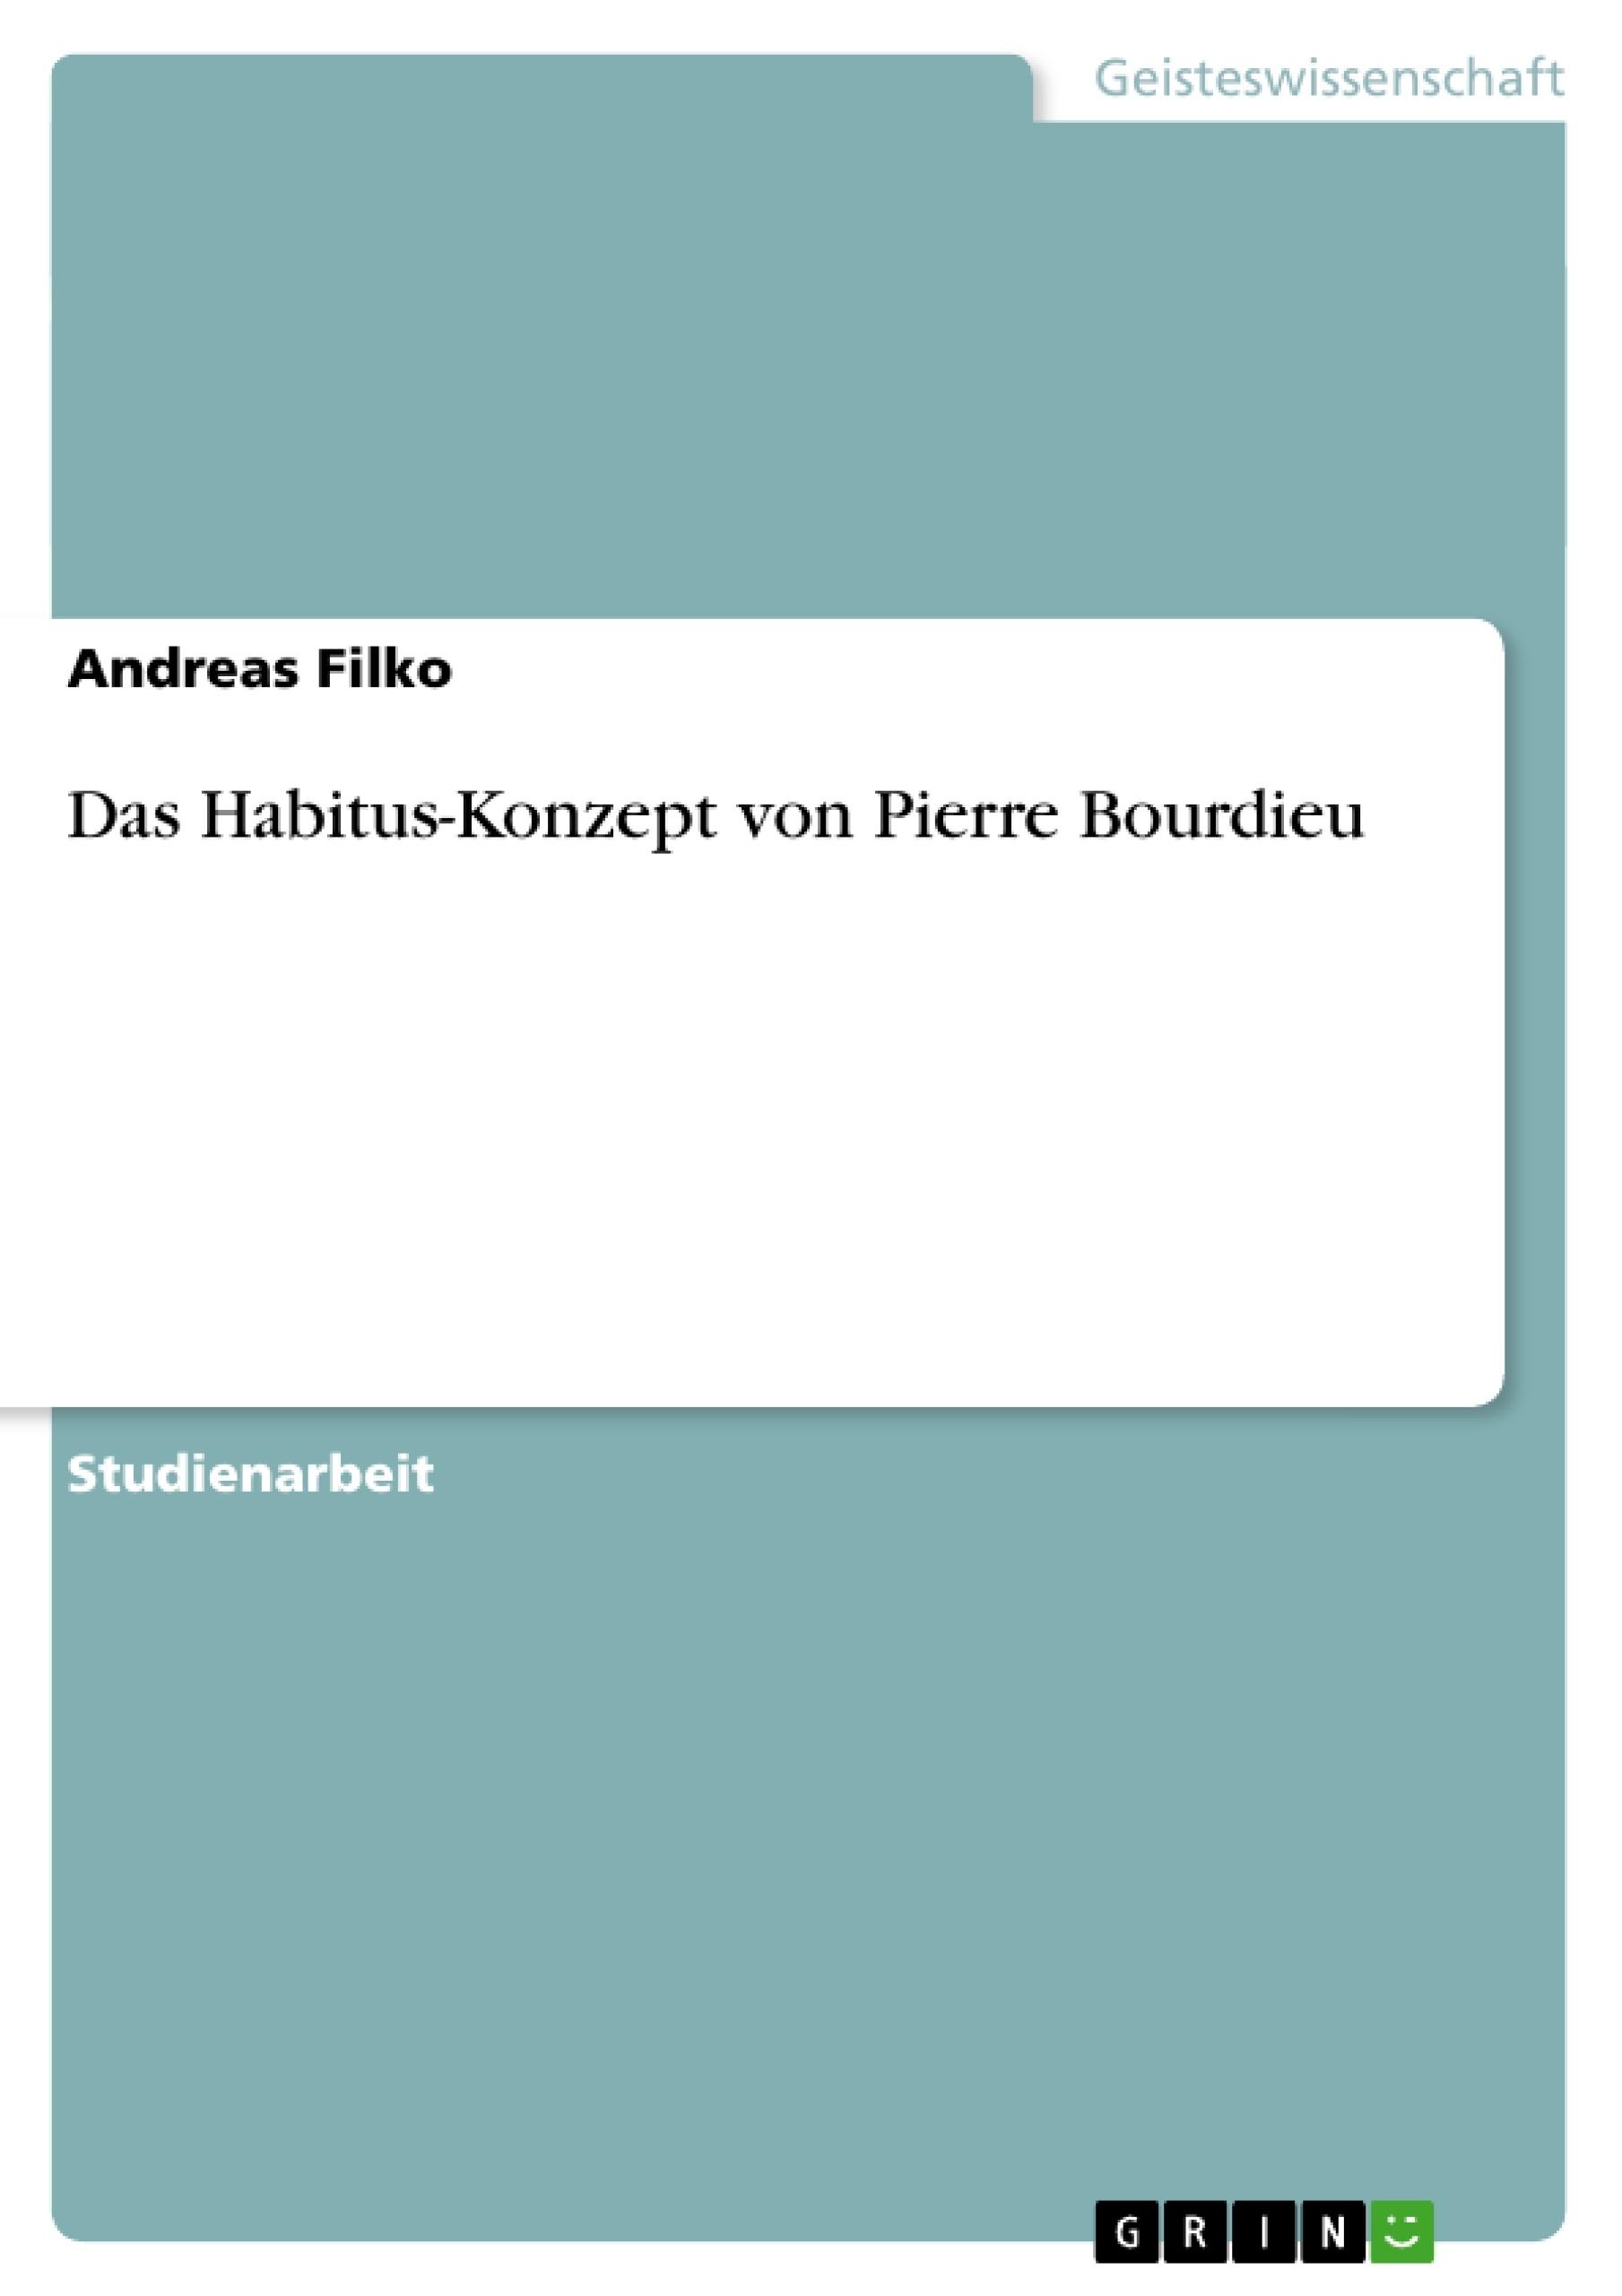 Titel: Das Habitus-Konzept von Pierre Bourdieu